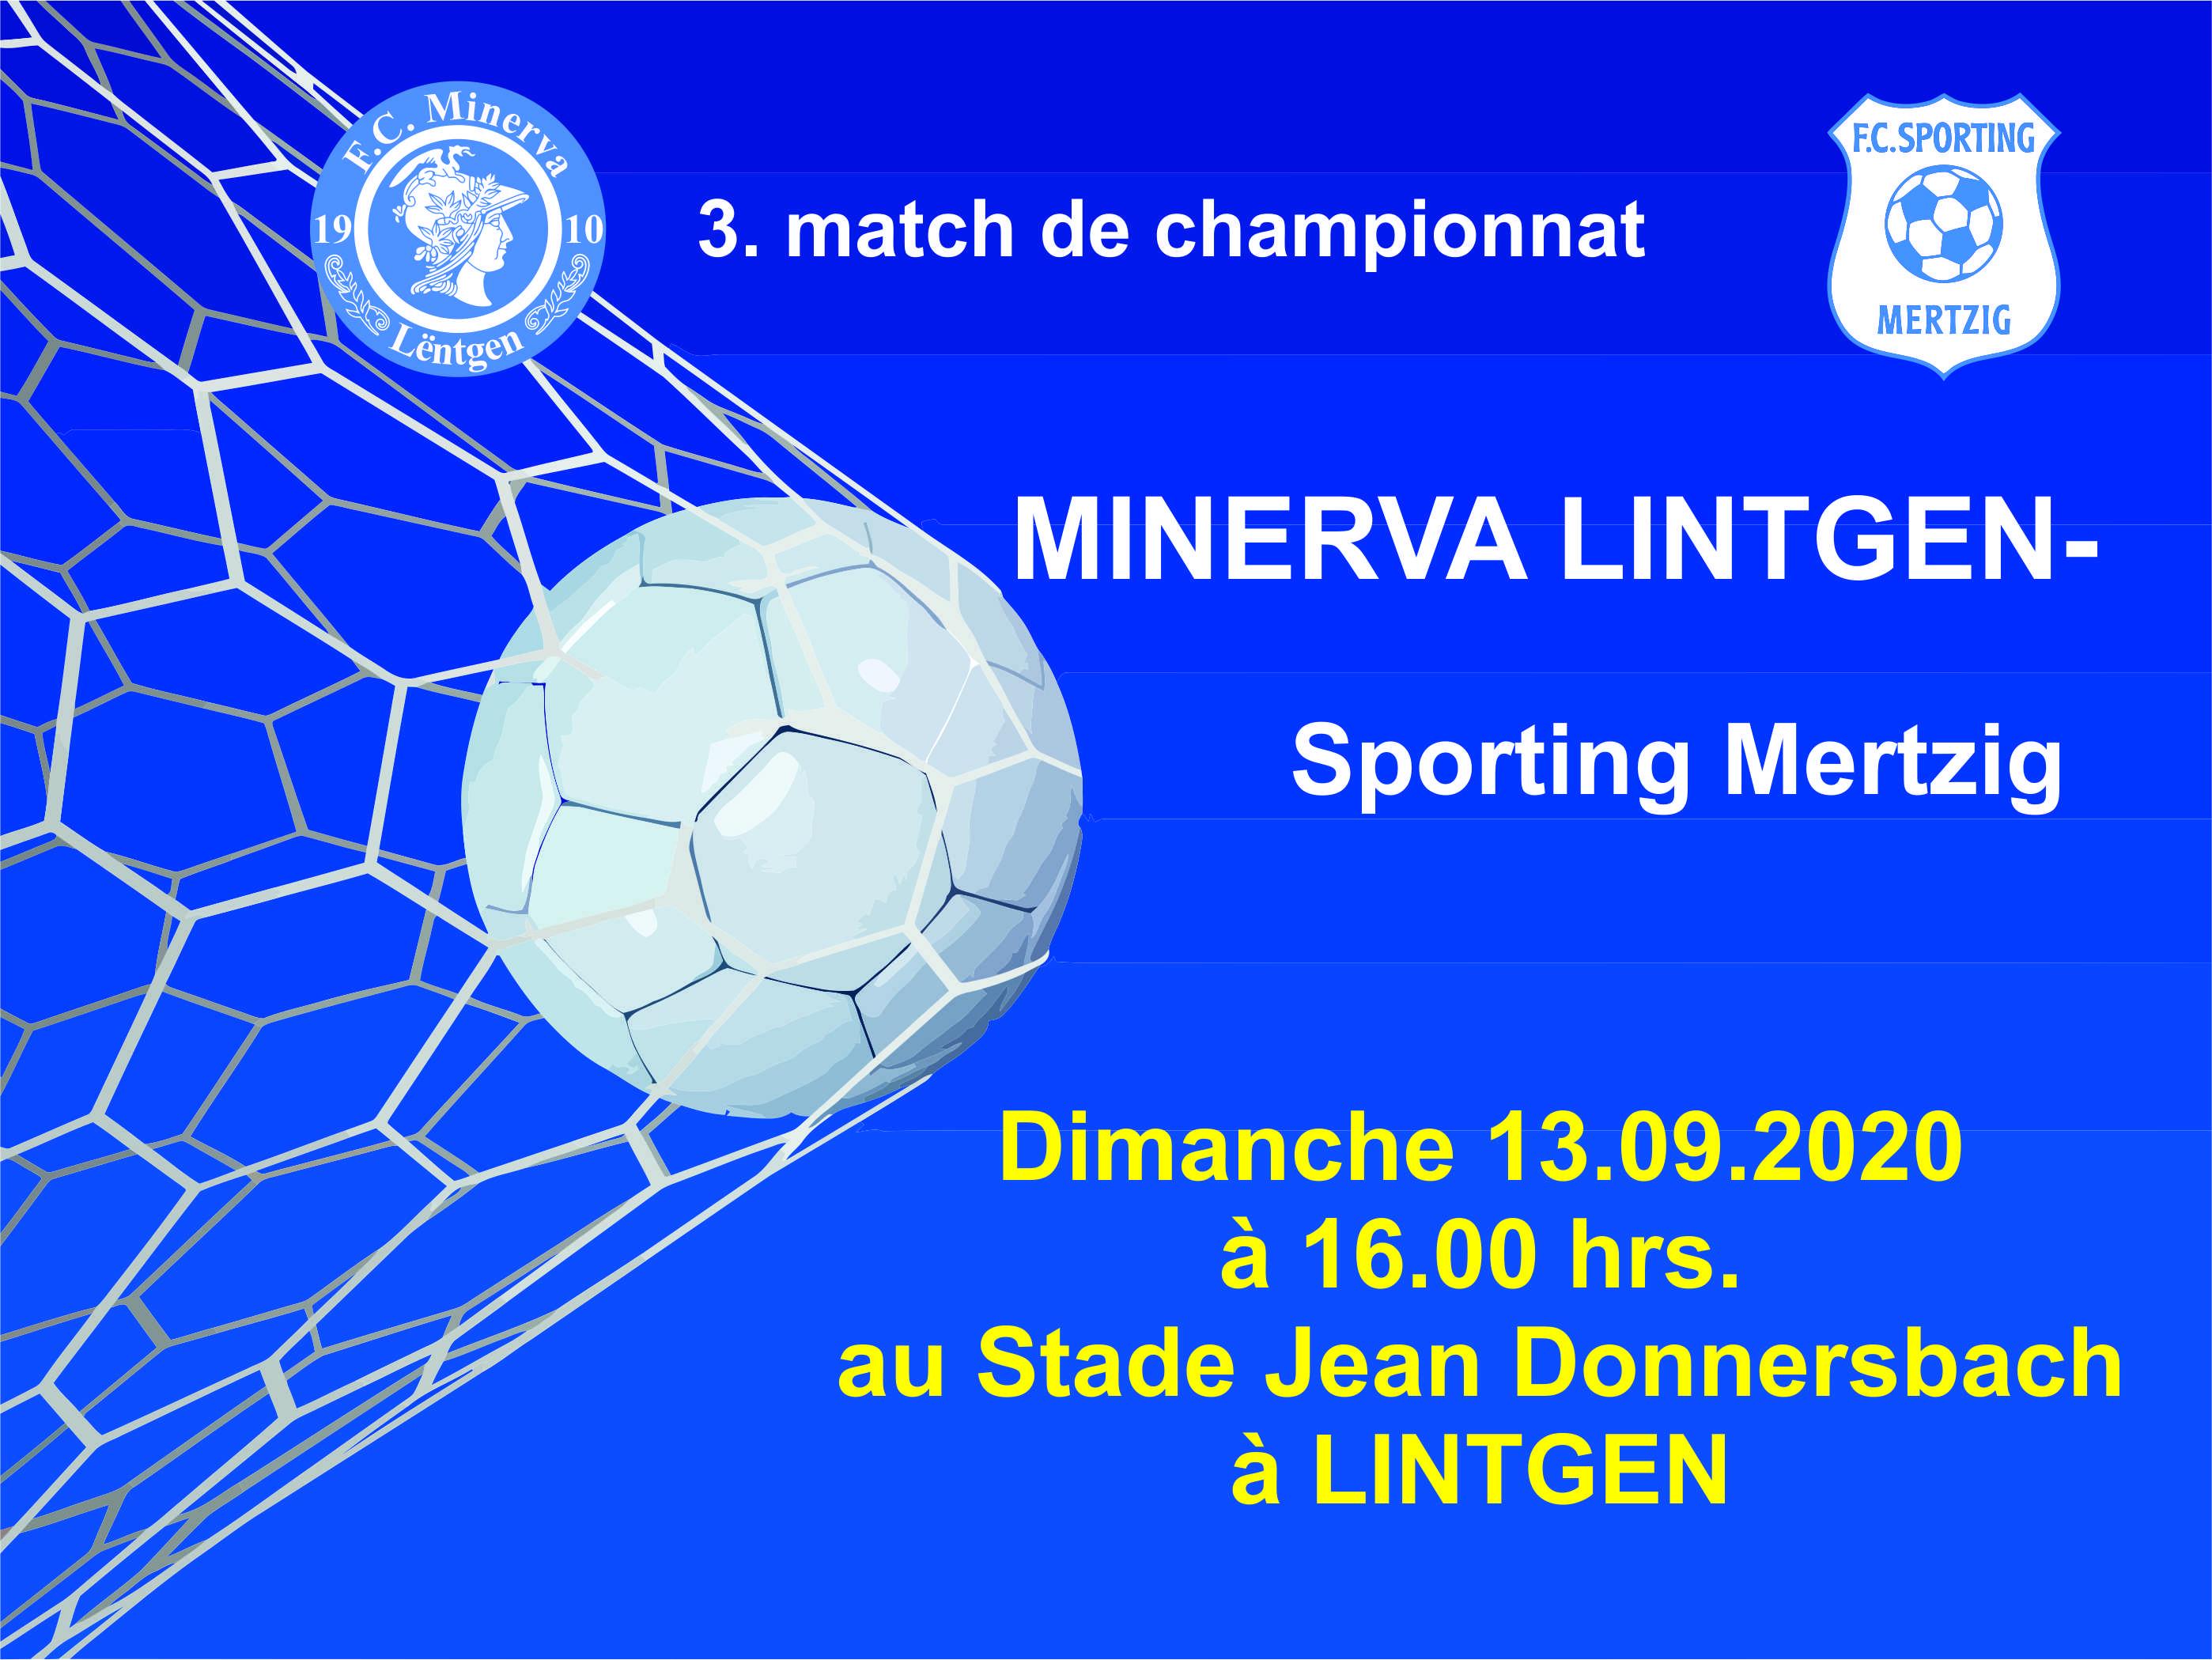 3. match de championnat